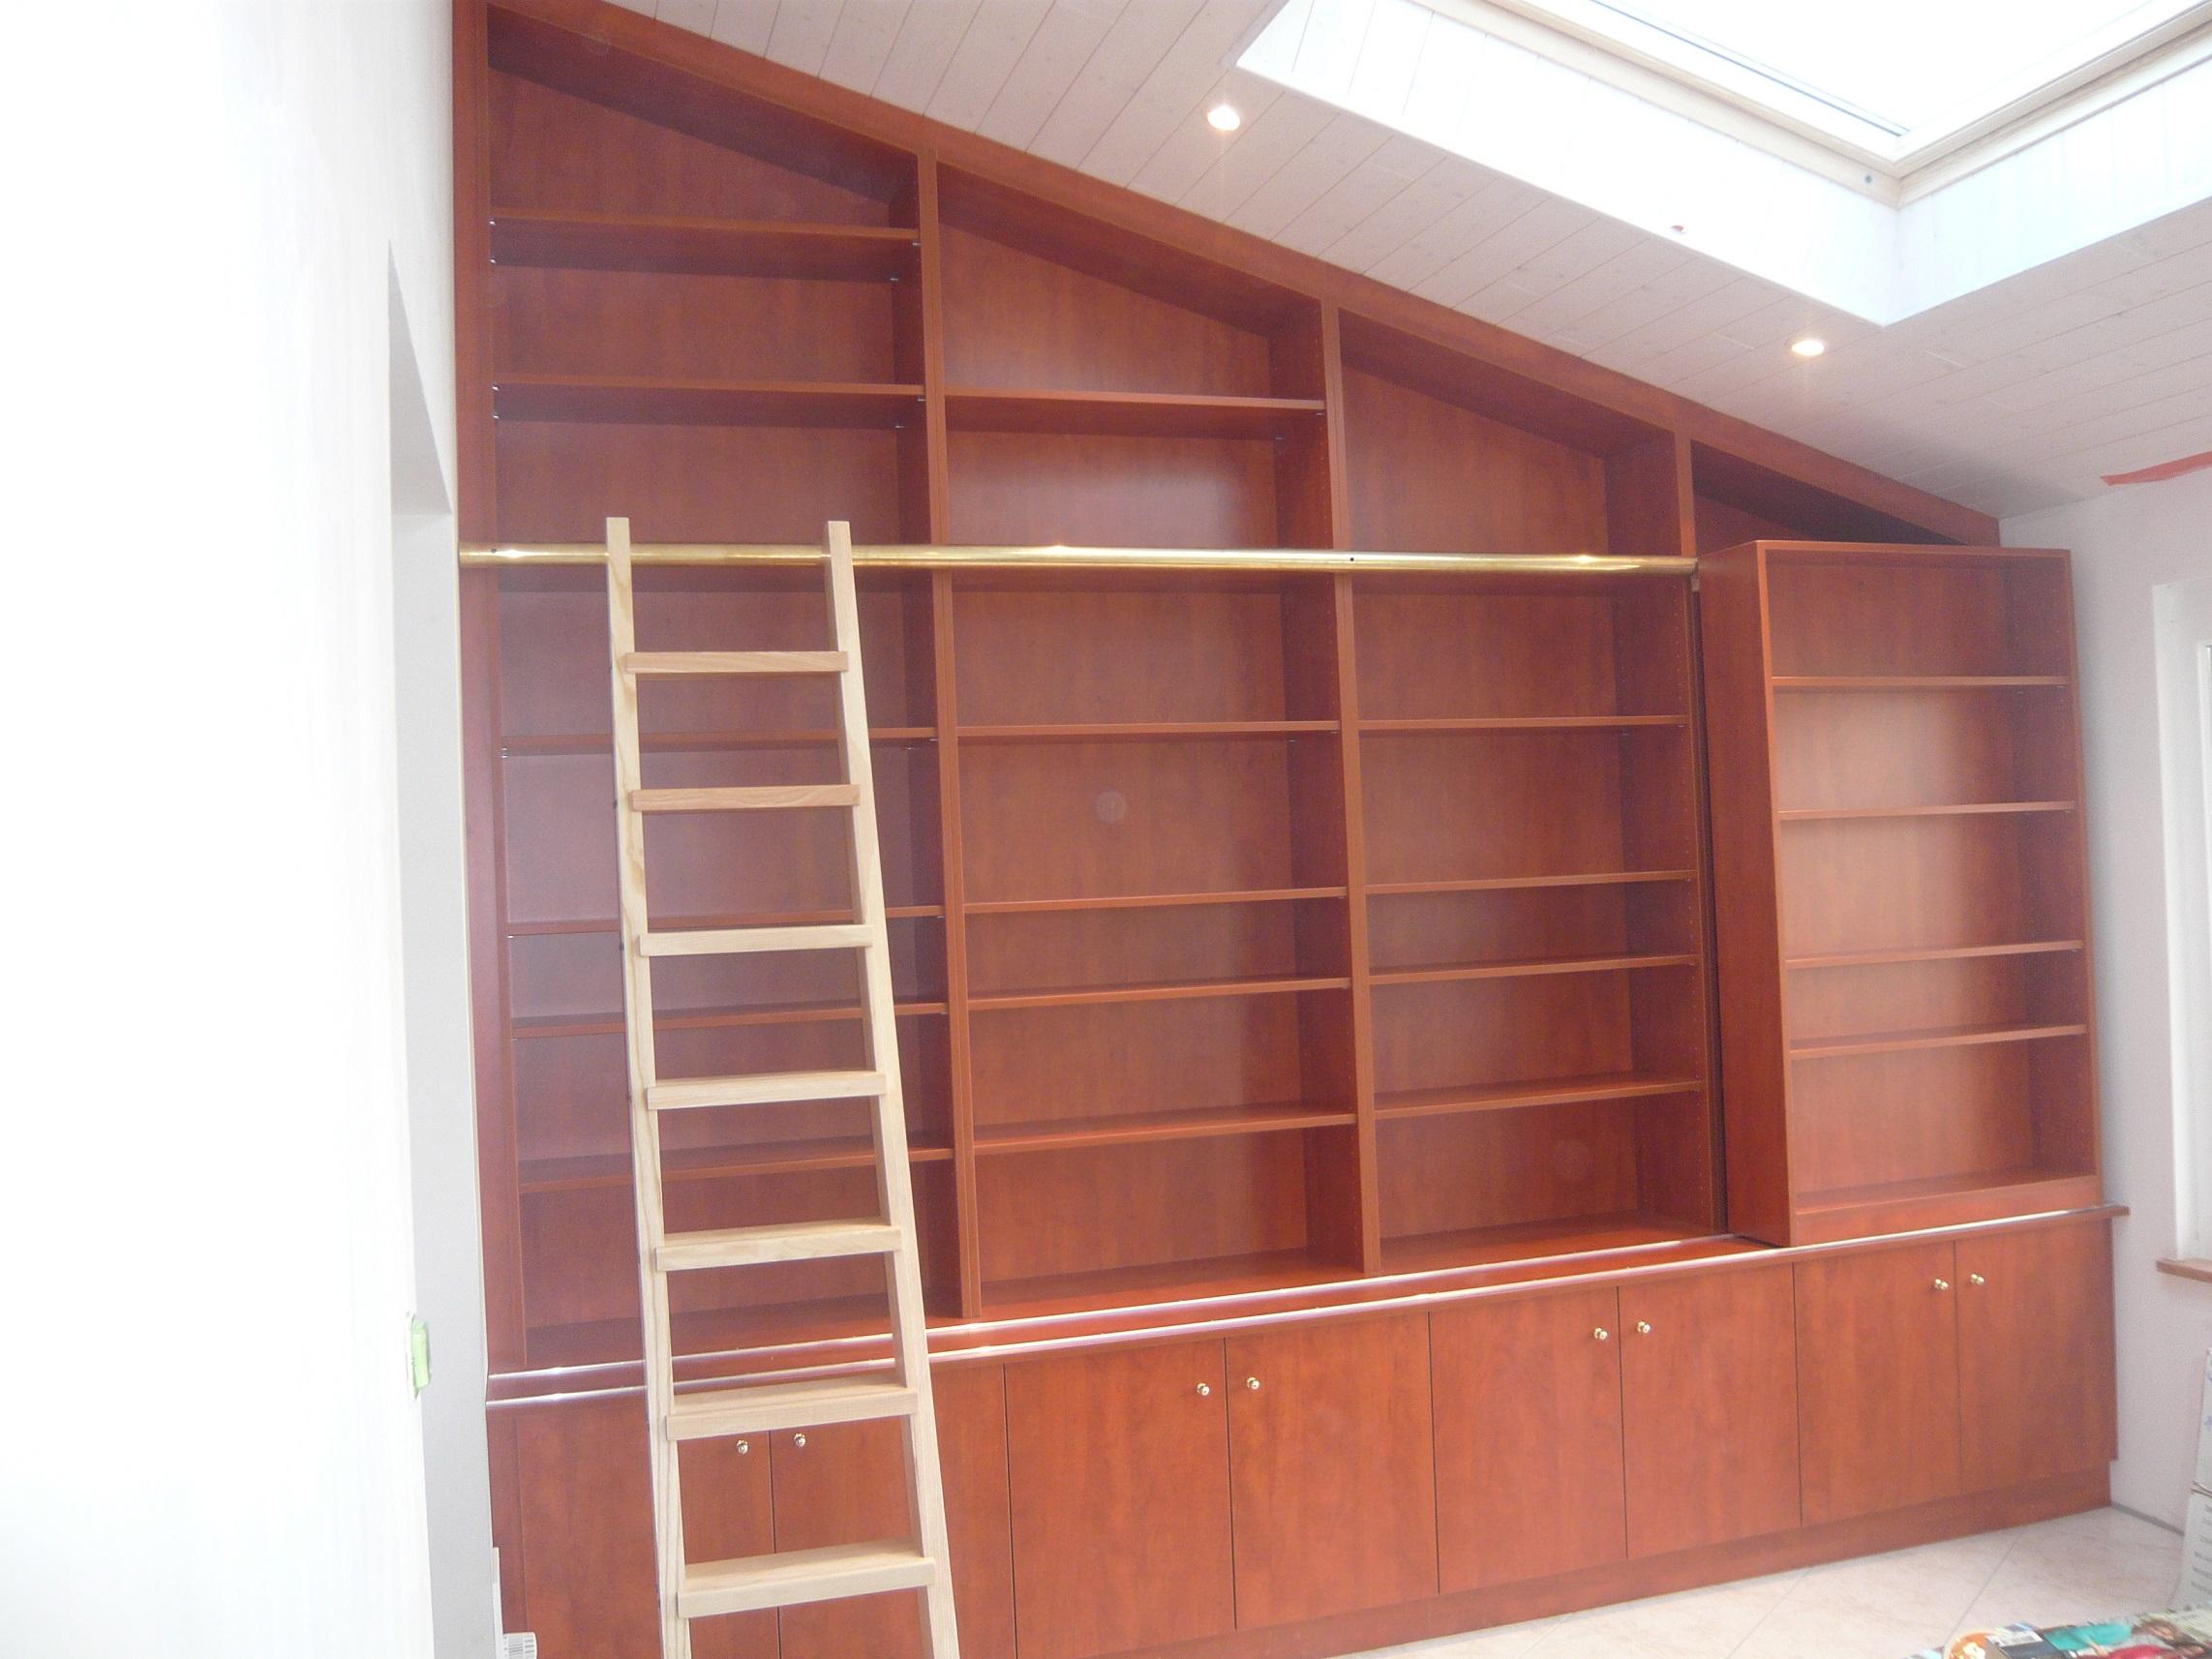 Menuiserie bourcy biblioth que sous combles Bibliotheque sous comble